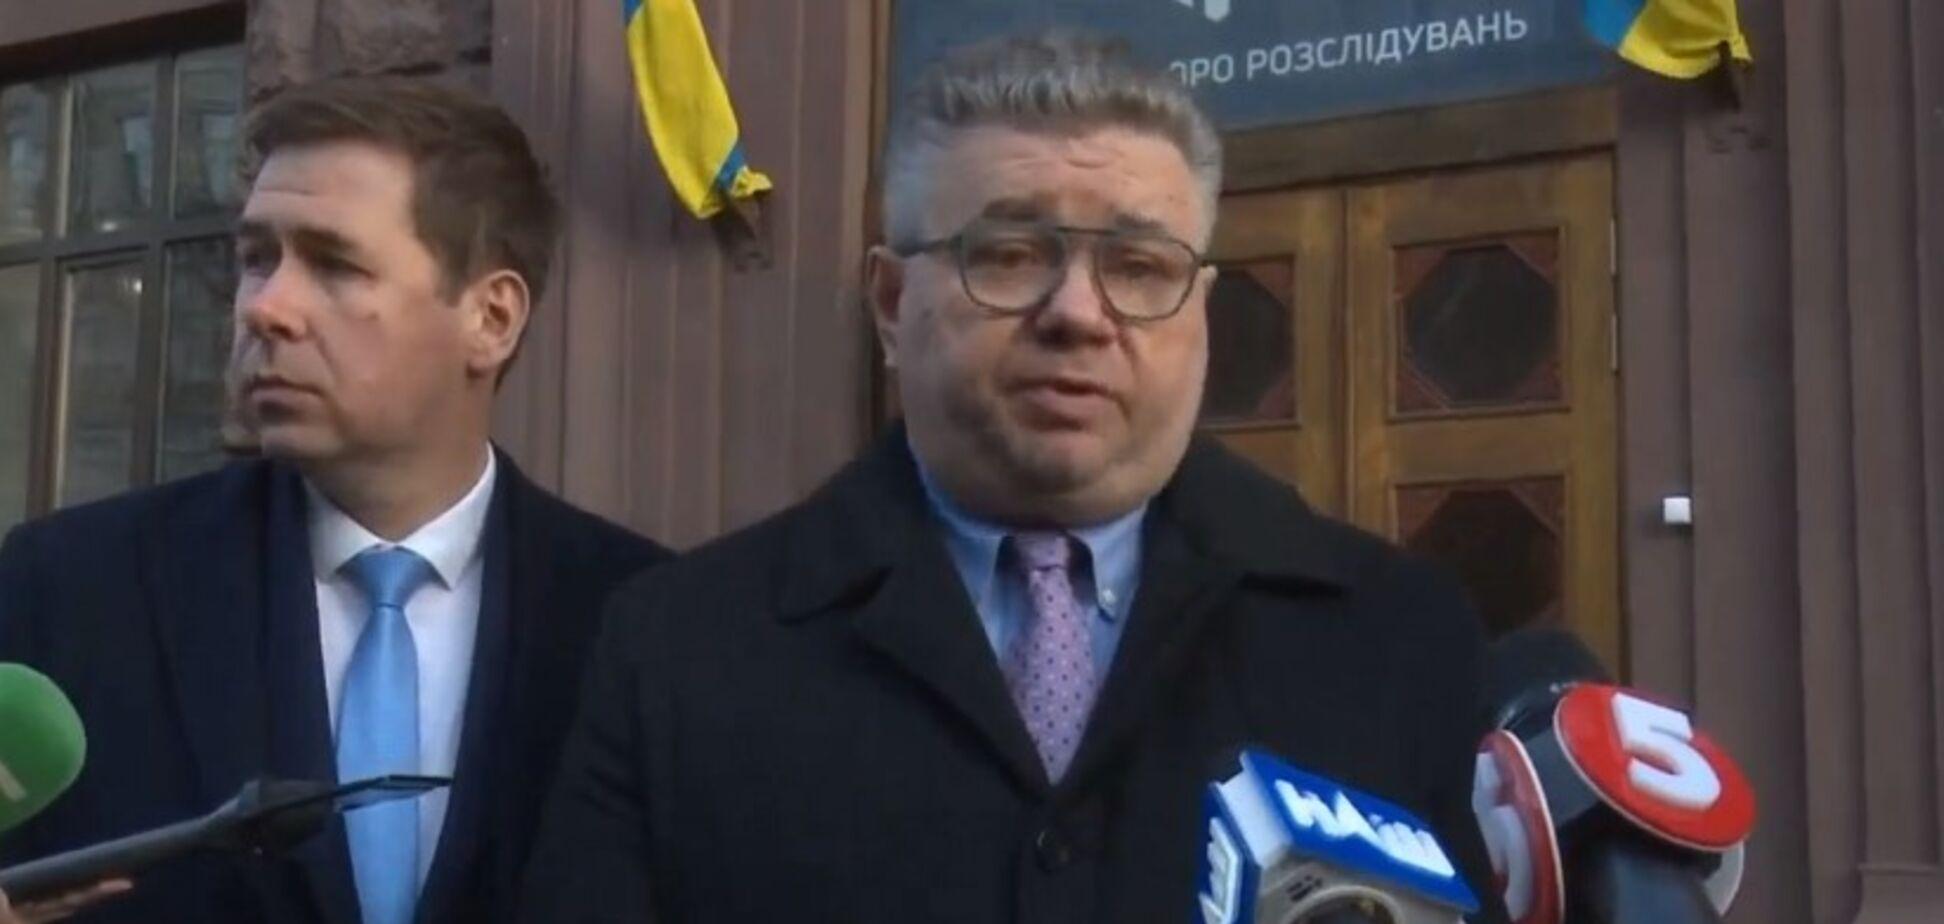 Адвокаты Порошенко: нынешнее руководство ГБР так же отрабатывает политический заказ, как и экс-директор Труба